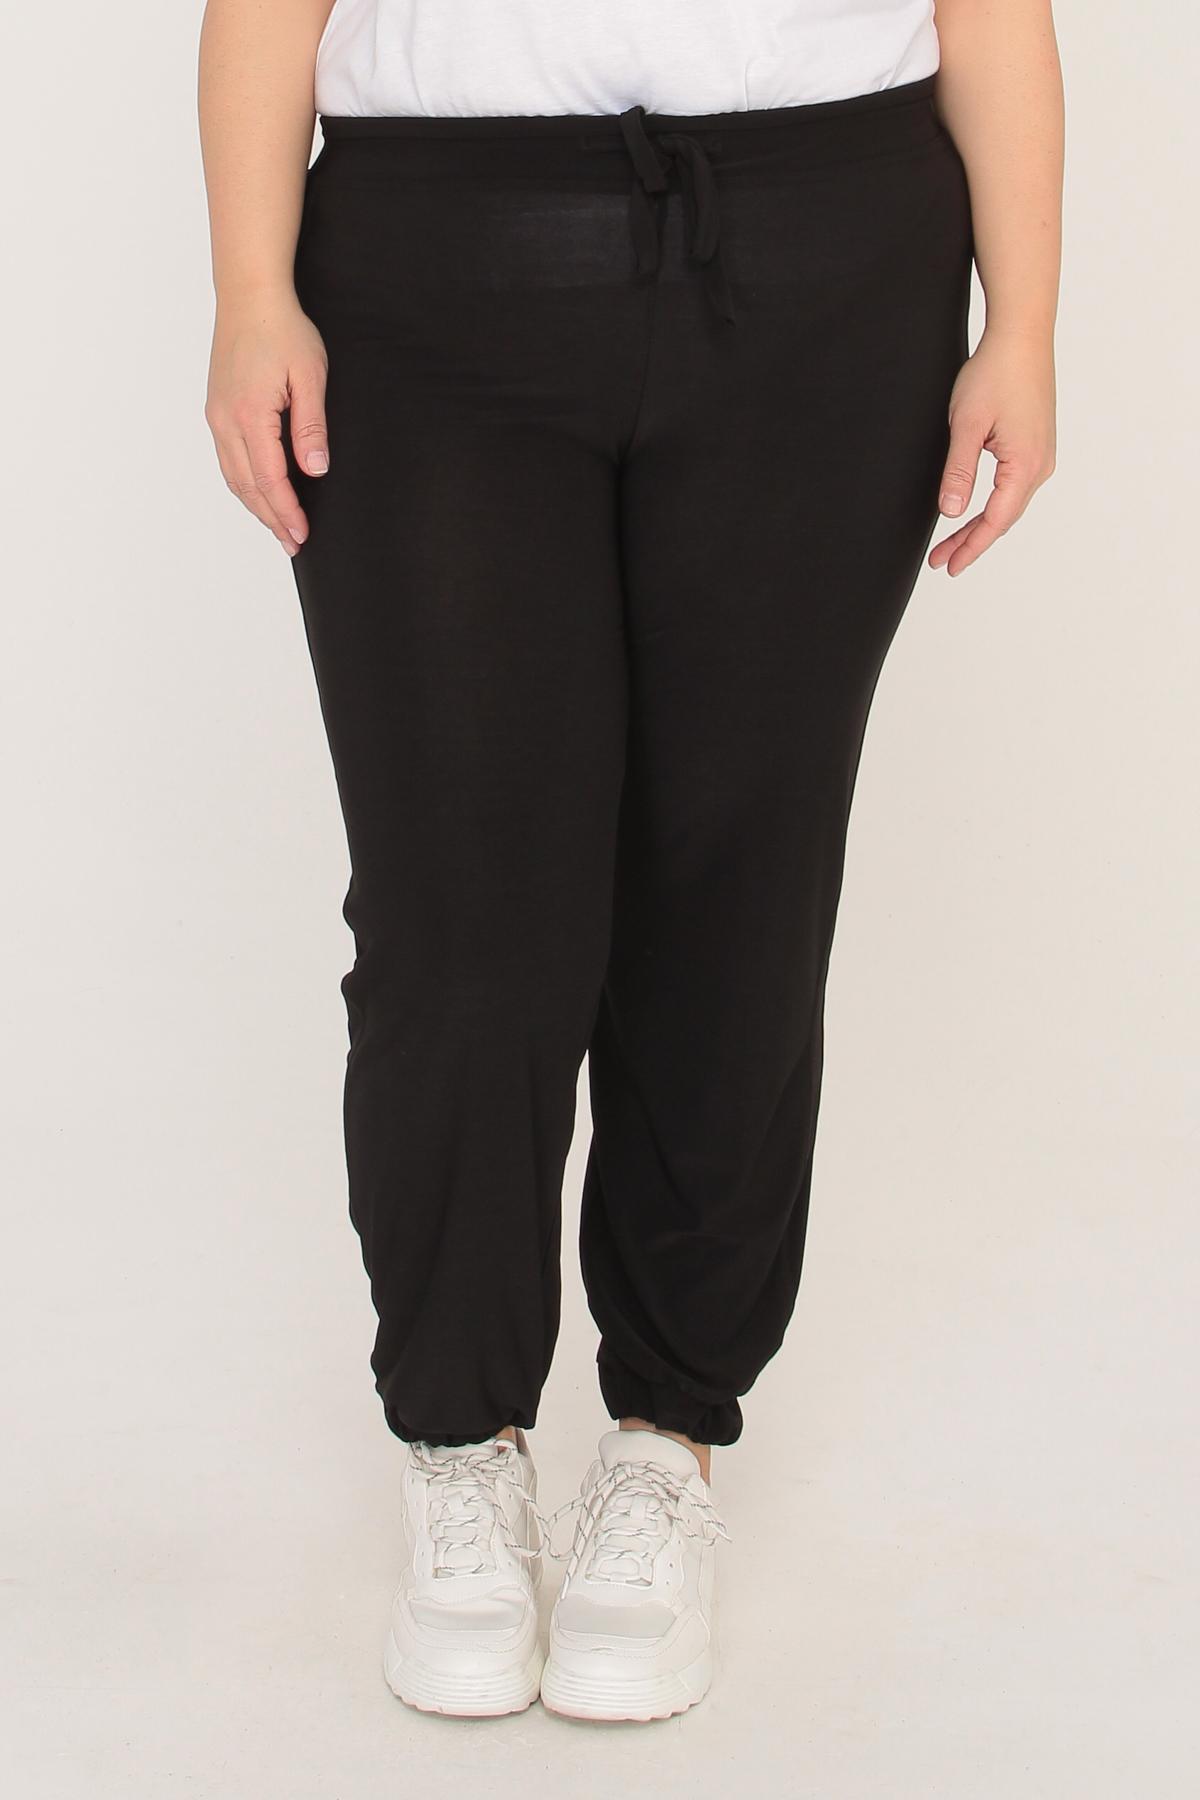 Pantalons Femme Noir 2W Paris P2063-2 #c eFashion Paris